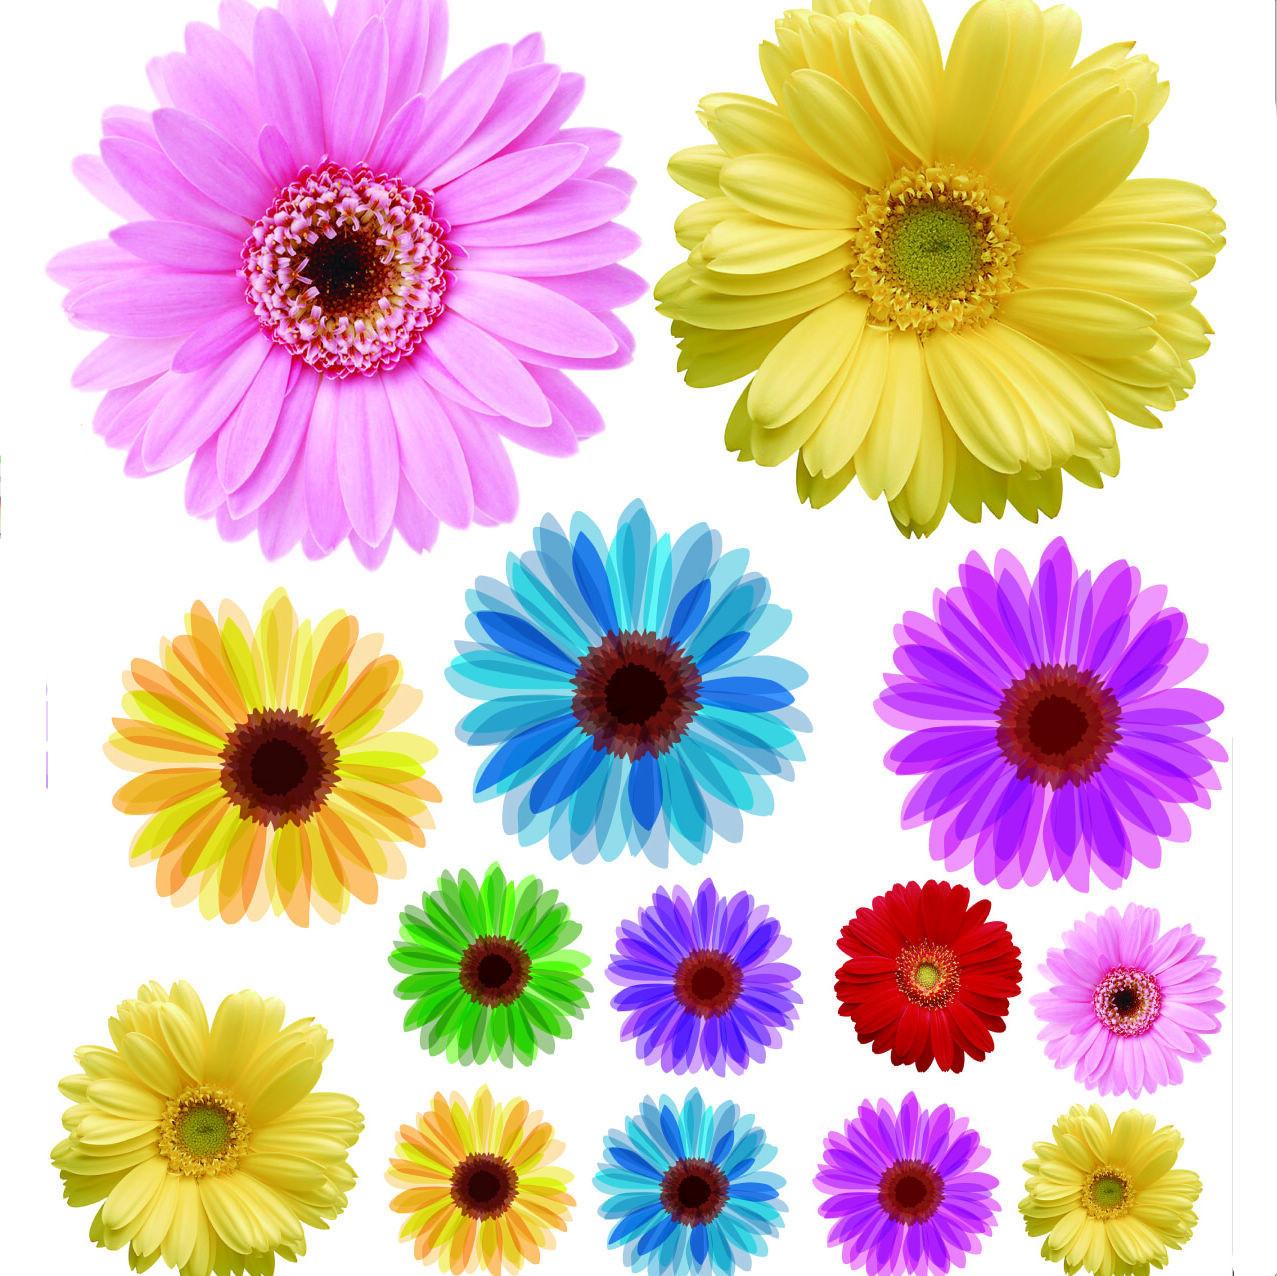 Наклейка на стену 9.9 19 Плоские стикеры Цветы